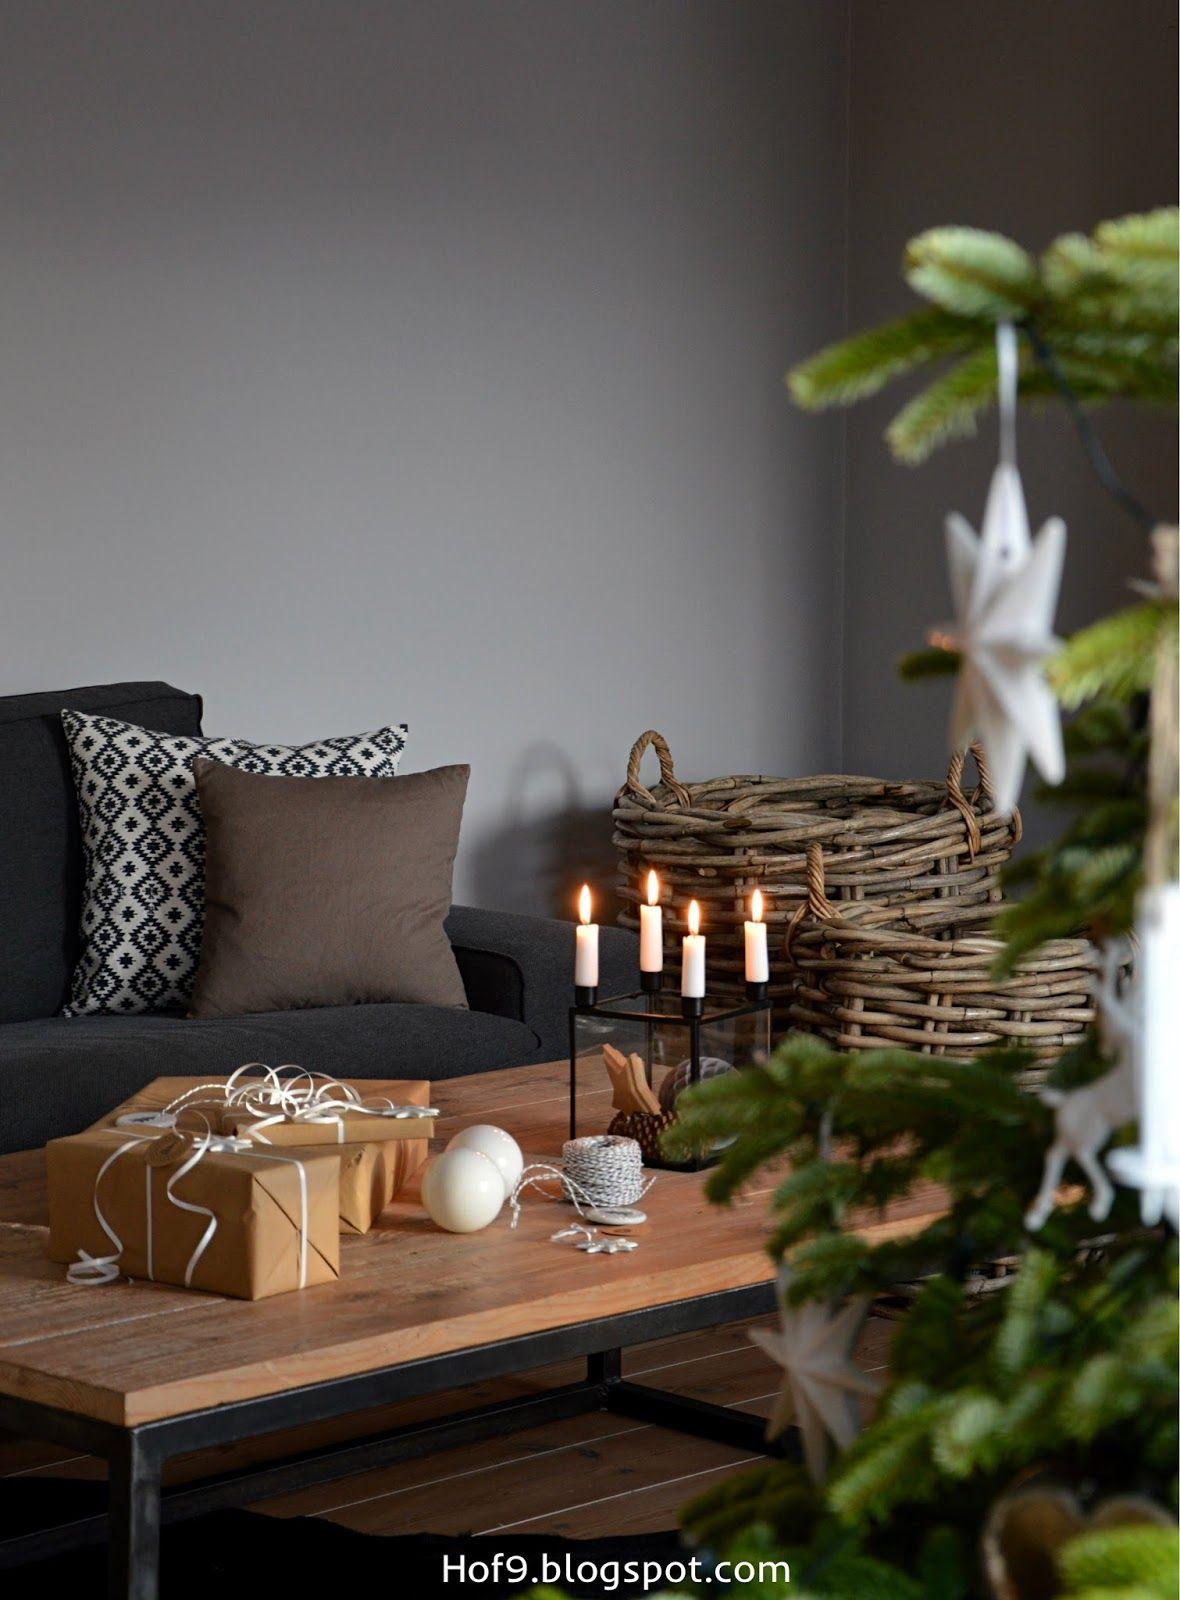 Weihnachtsdeko In Silber Und Weiß.Weihnachtsdeko In Weiß Und Silber Weihnachtsbaum Mit Weißem Schmuck